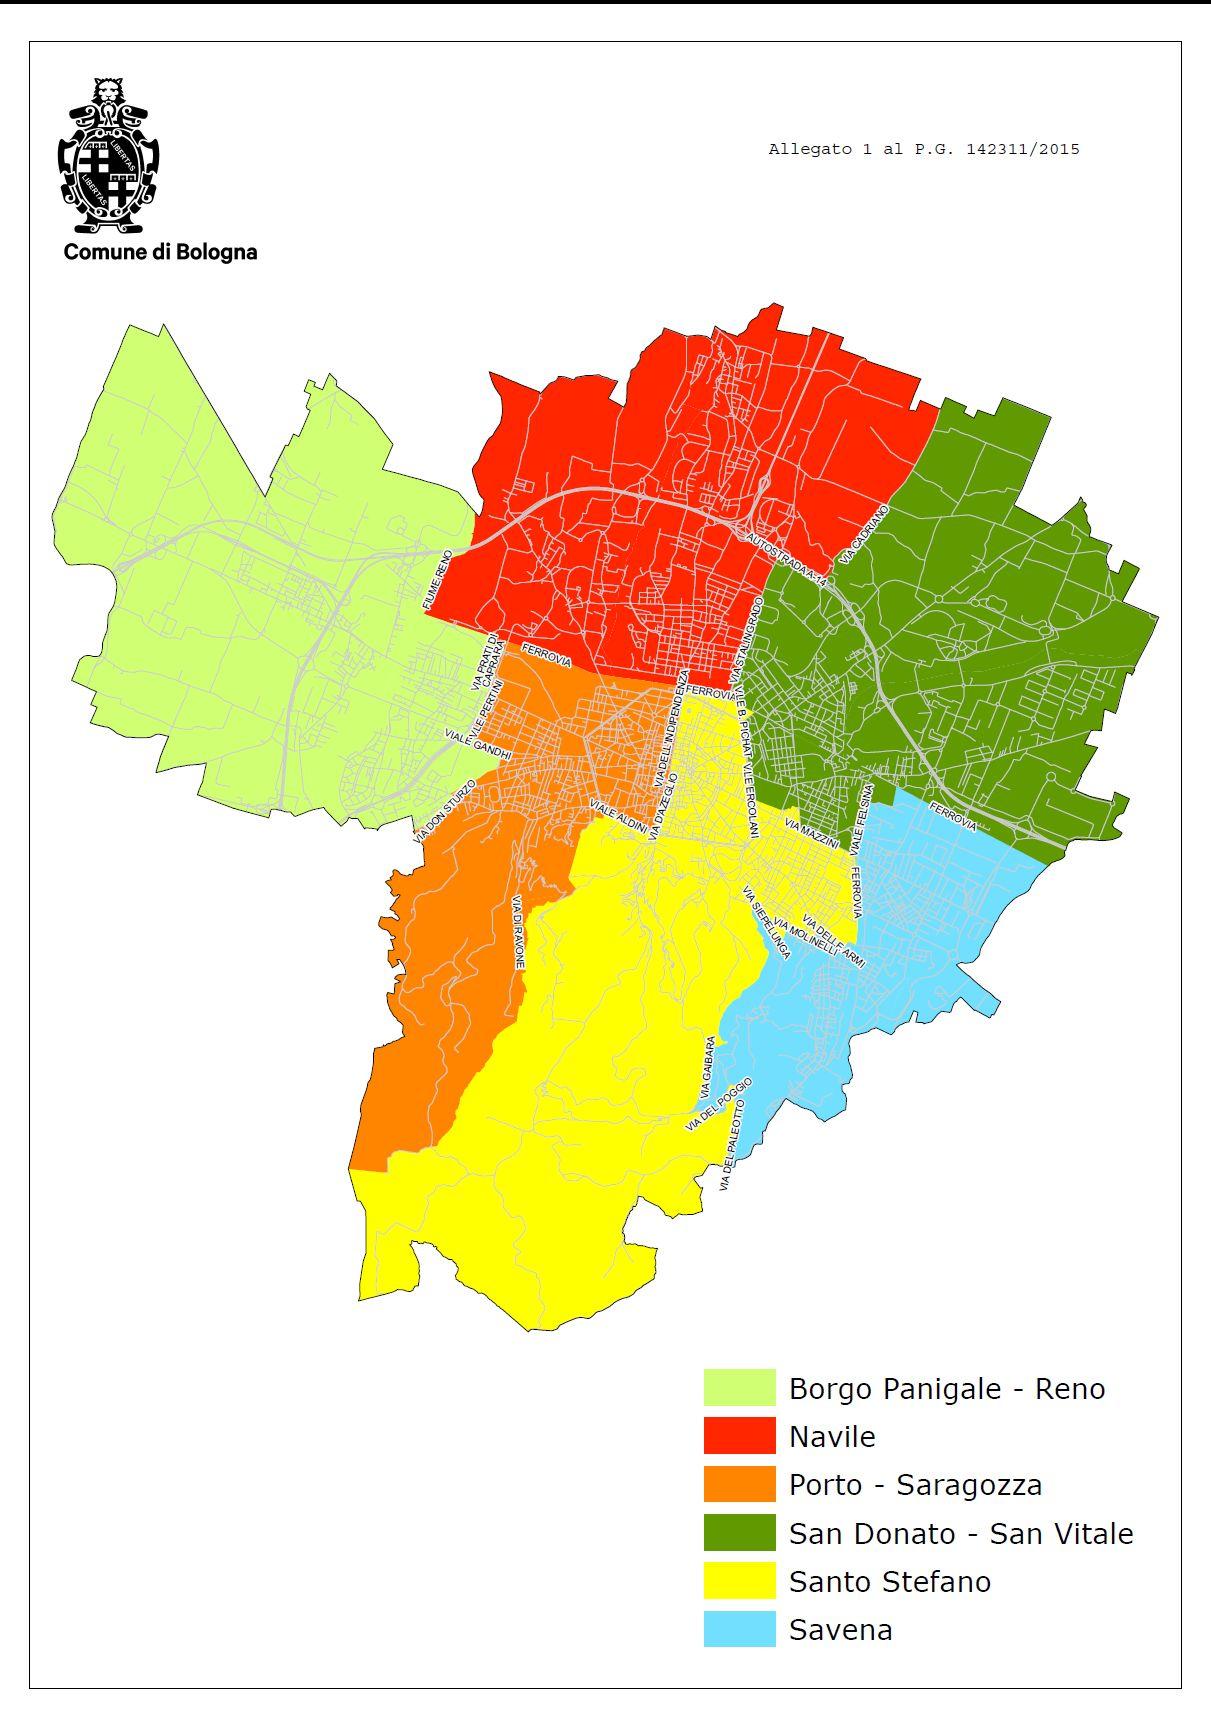 Bologna Cartina Quartieri.Dal Prossimo Mandato I Quartieri Passano Da 9 A 6 I Consiglieri Da 152 A 90 Nuove Funzioni E Piu Partecipazione Iperbole